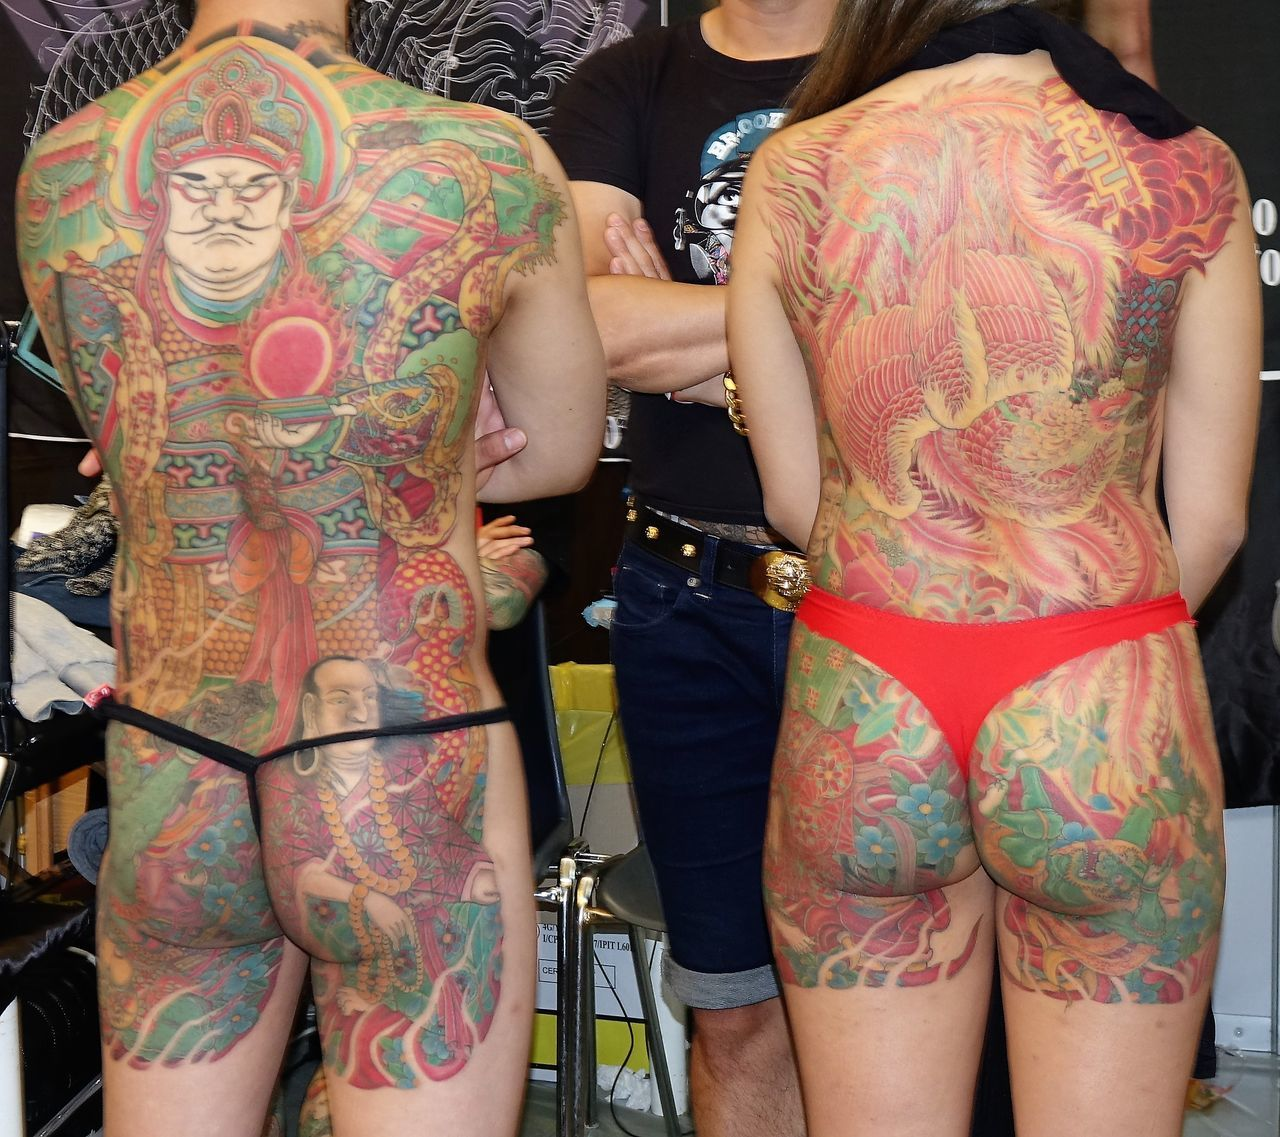 Tattoo Tattoo And Art Live Exhibition Tattoo Art Tattoo Artist Tattoo Design Tattoo Girl Tattoo Life Tattoo ❤ Tattooart Tattooartist  Tattoodesign Tattooed Tattooedgirl Tattooedgirls Tattooedmen Tattoogirl Tattoogirls Tattooing Tattoolife Tattooman Tattoomodel Tattoomodels Tattoos